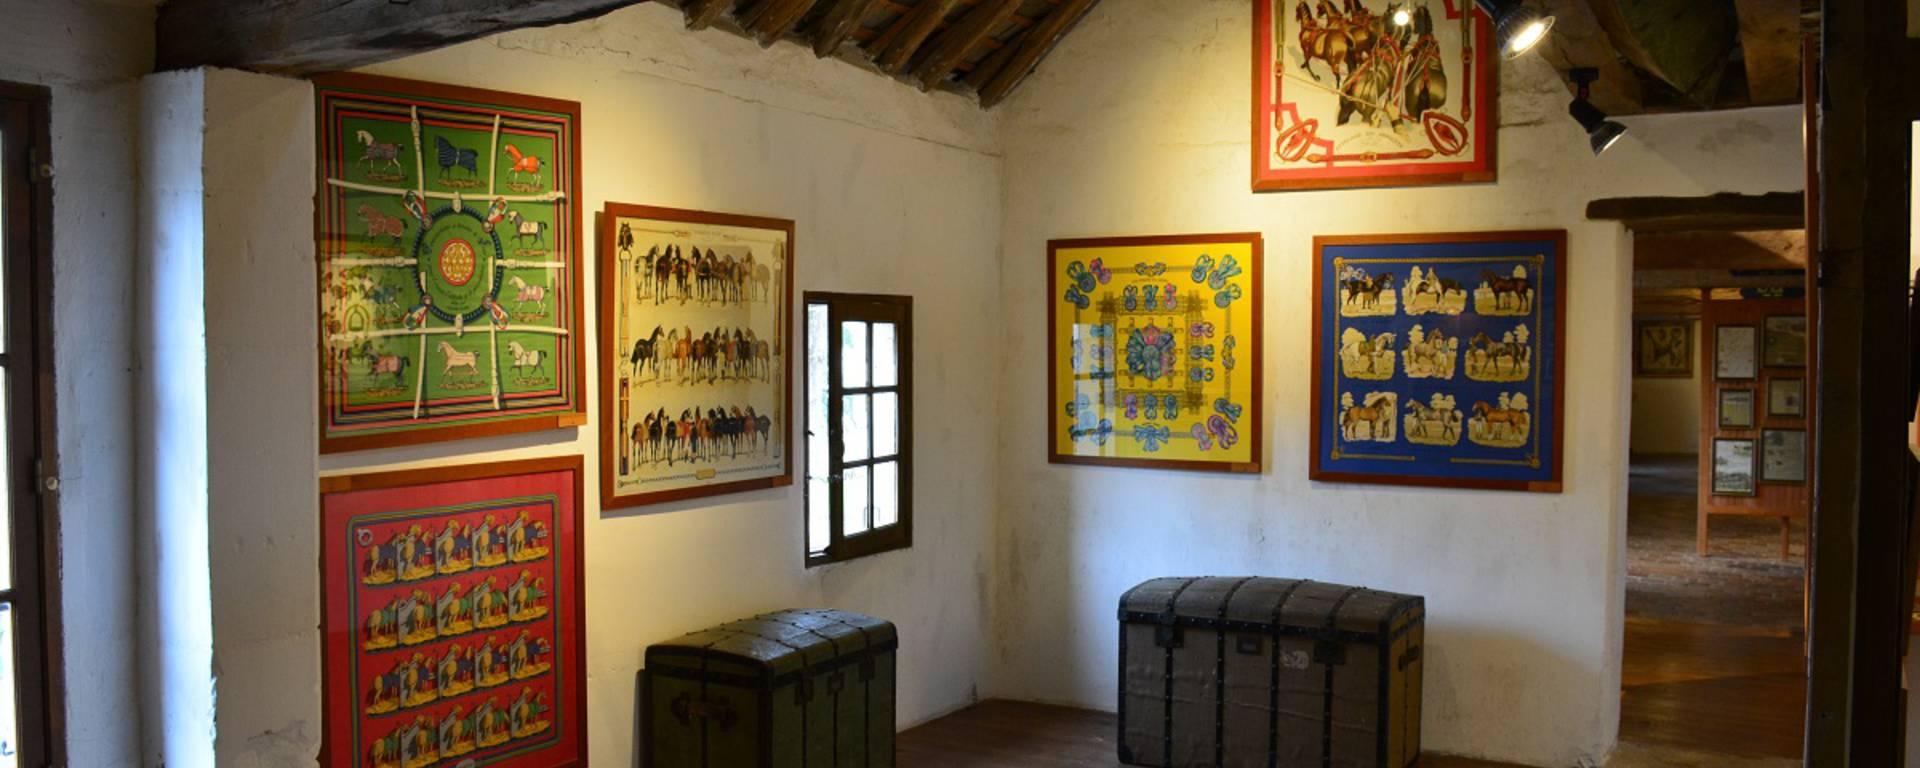 La salle Hermès du château de Montpoupon. © OTBC